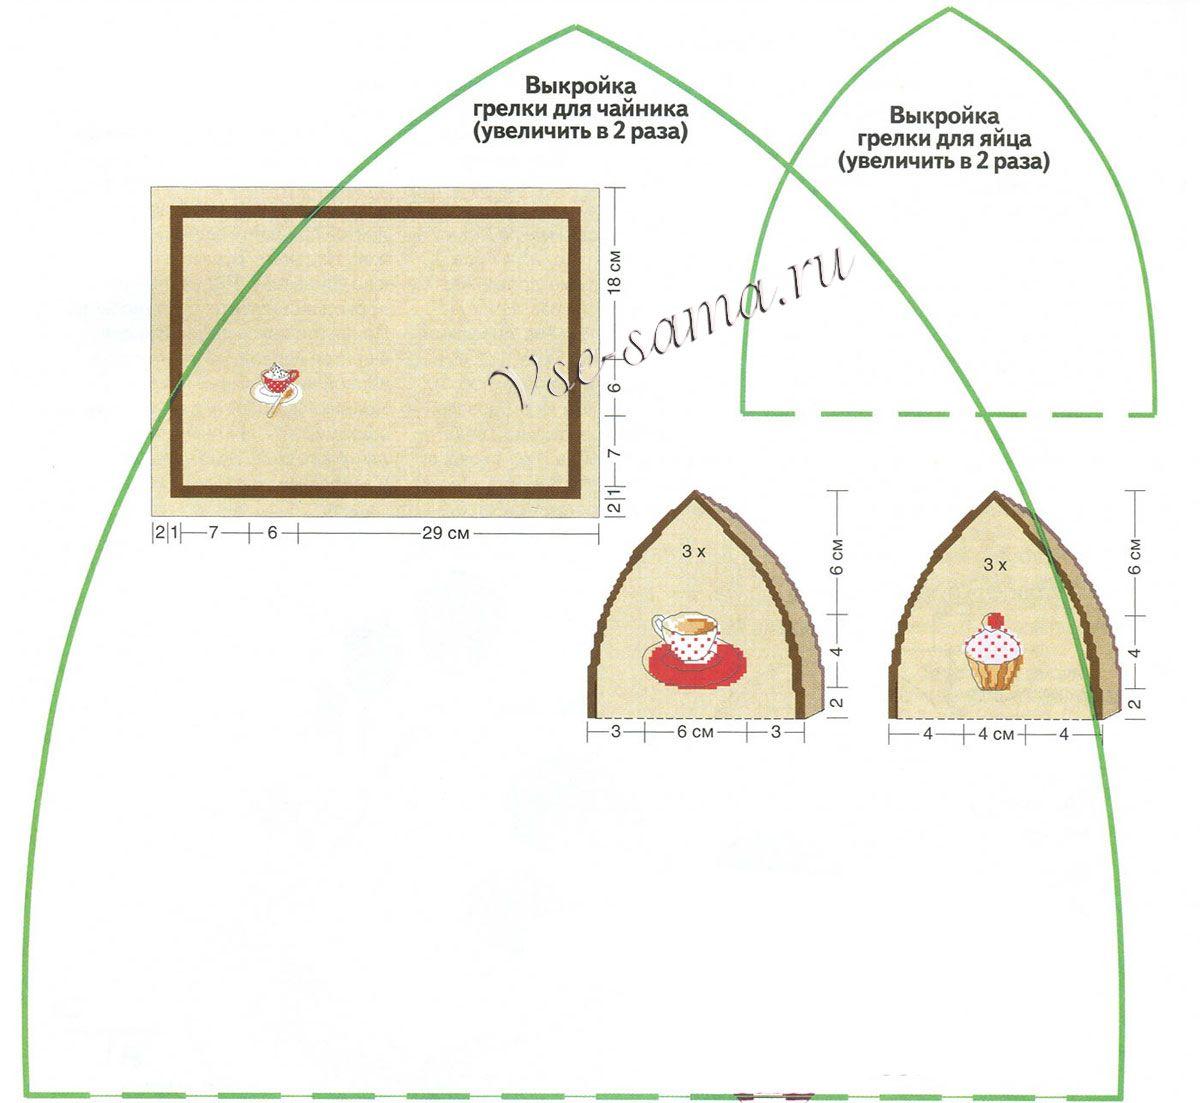 Грелка на чайник: как сделать собственноручно красивые и оригинальные грелки. 120 фото и пошаговая инструкция